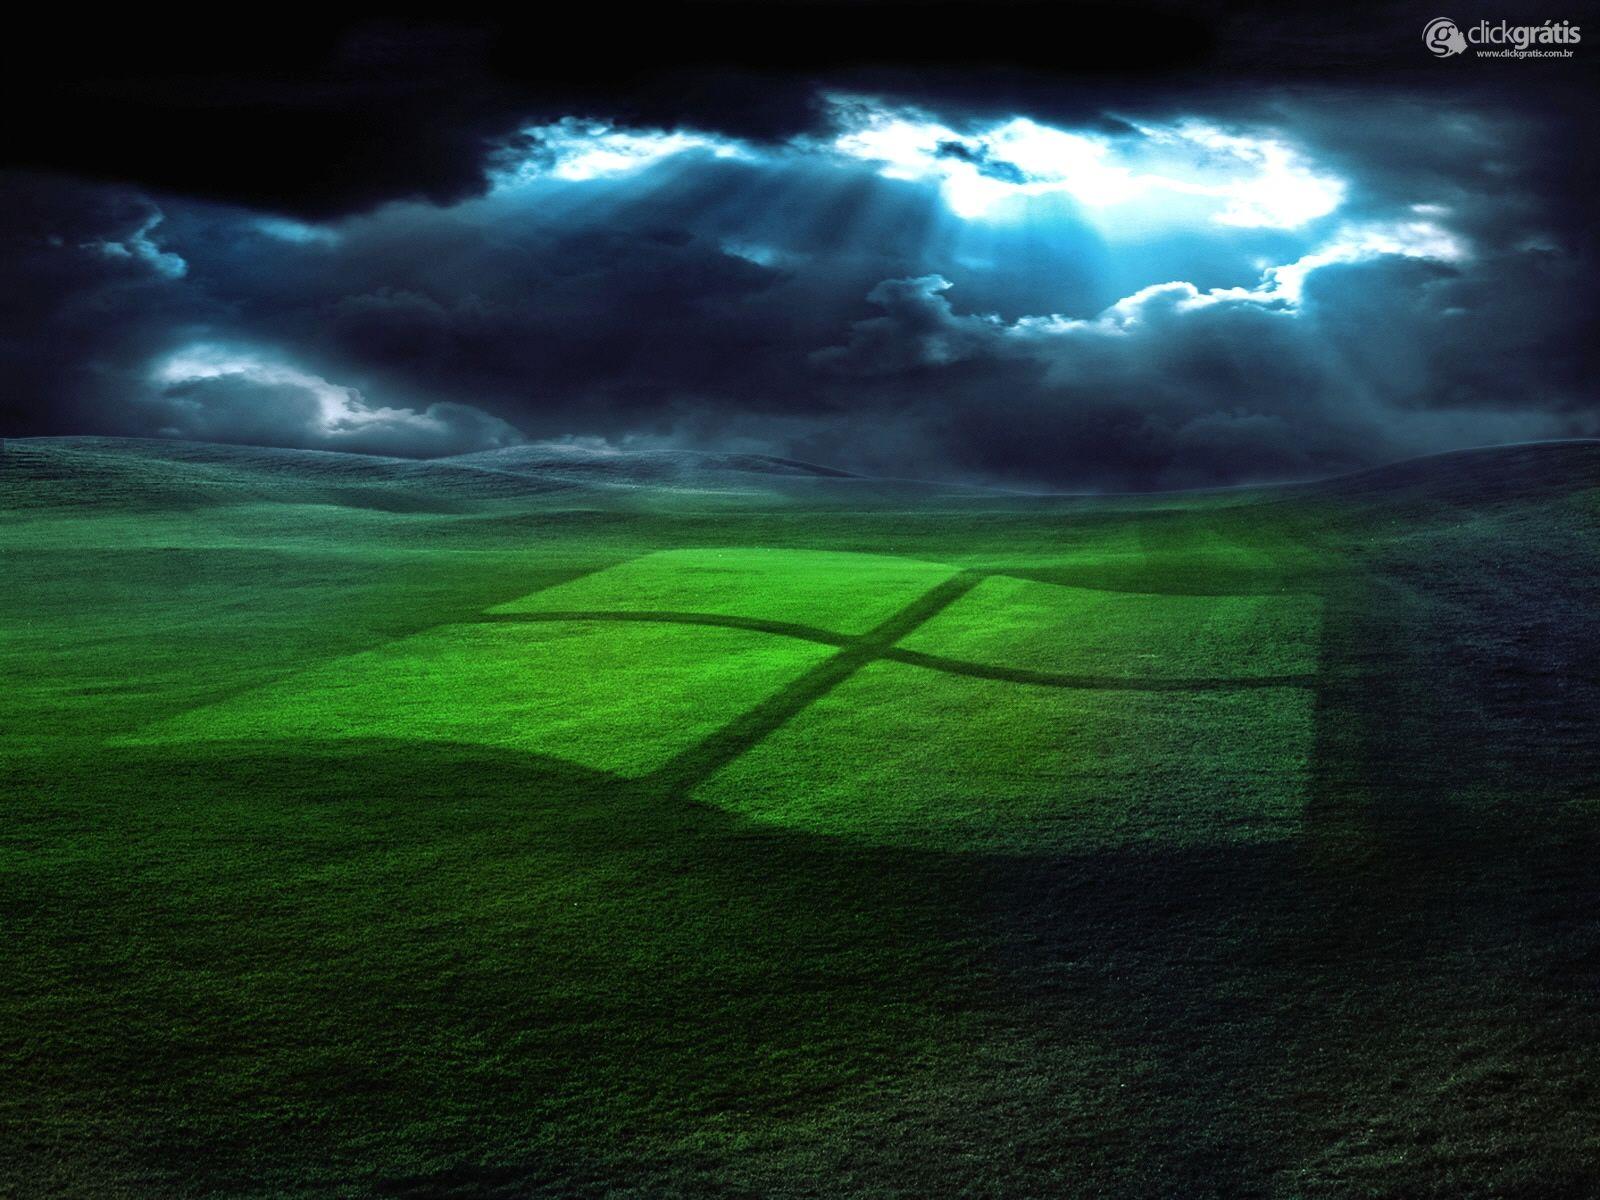 Windows na Grama